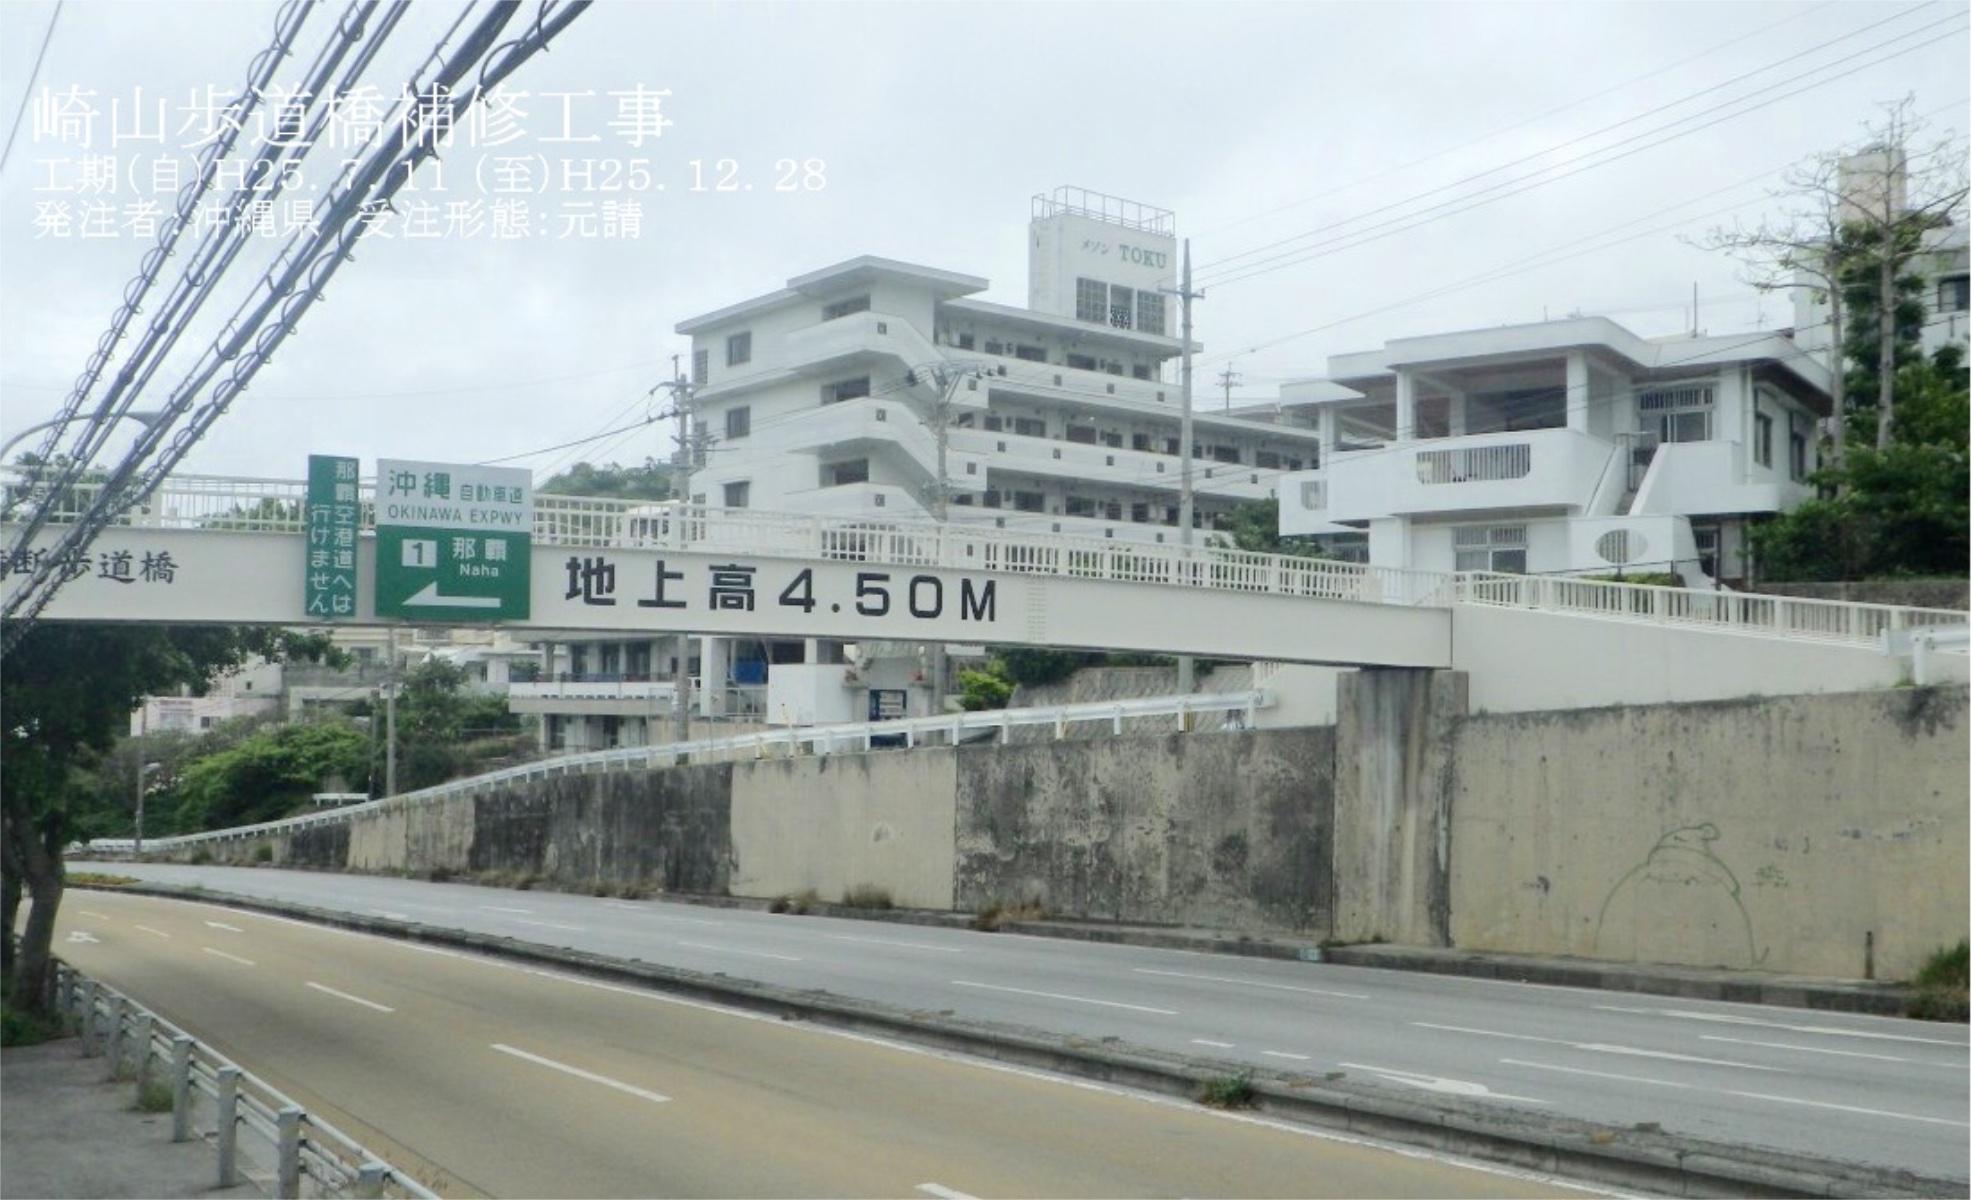 崎山歩道橋補修工事【那覇 塗装 防水 外壁補修】